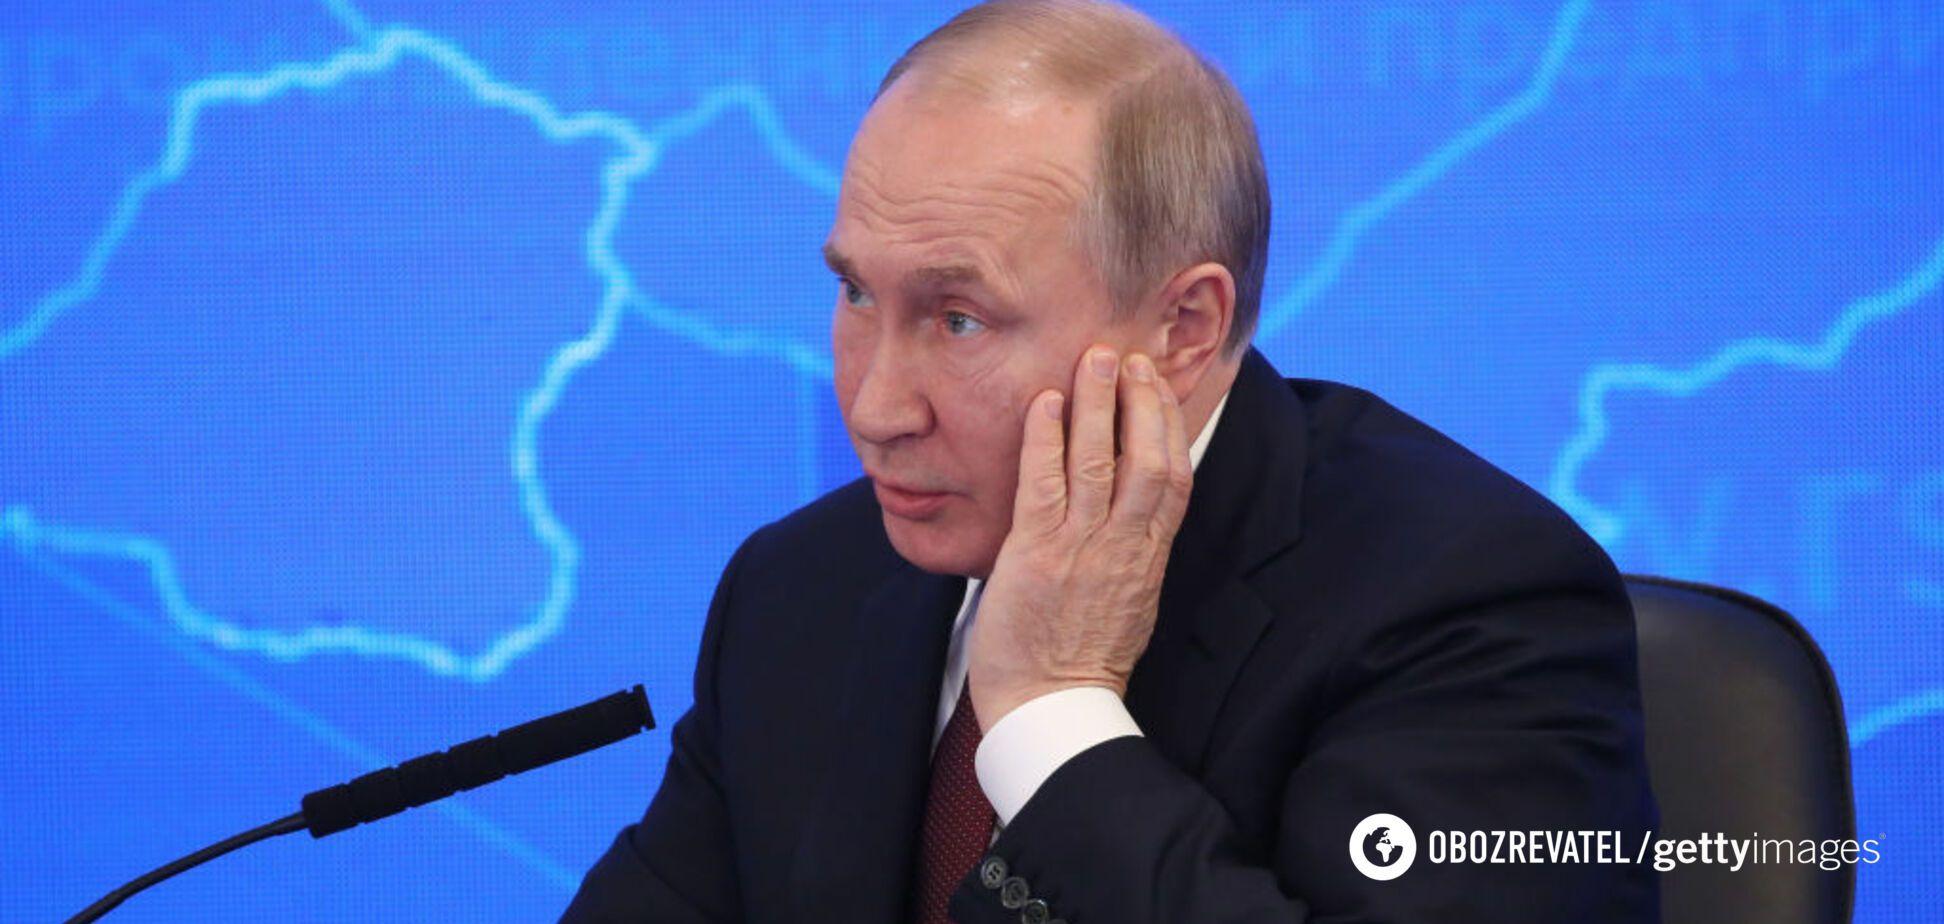 Путин провернул 'операцию по прикрытию' с обнулением сроков: Соловей заметил финт